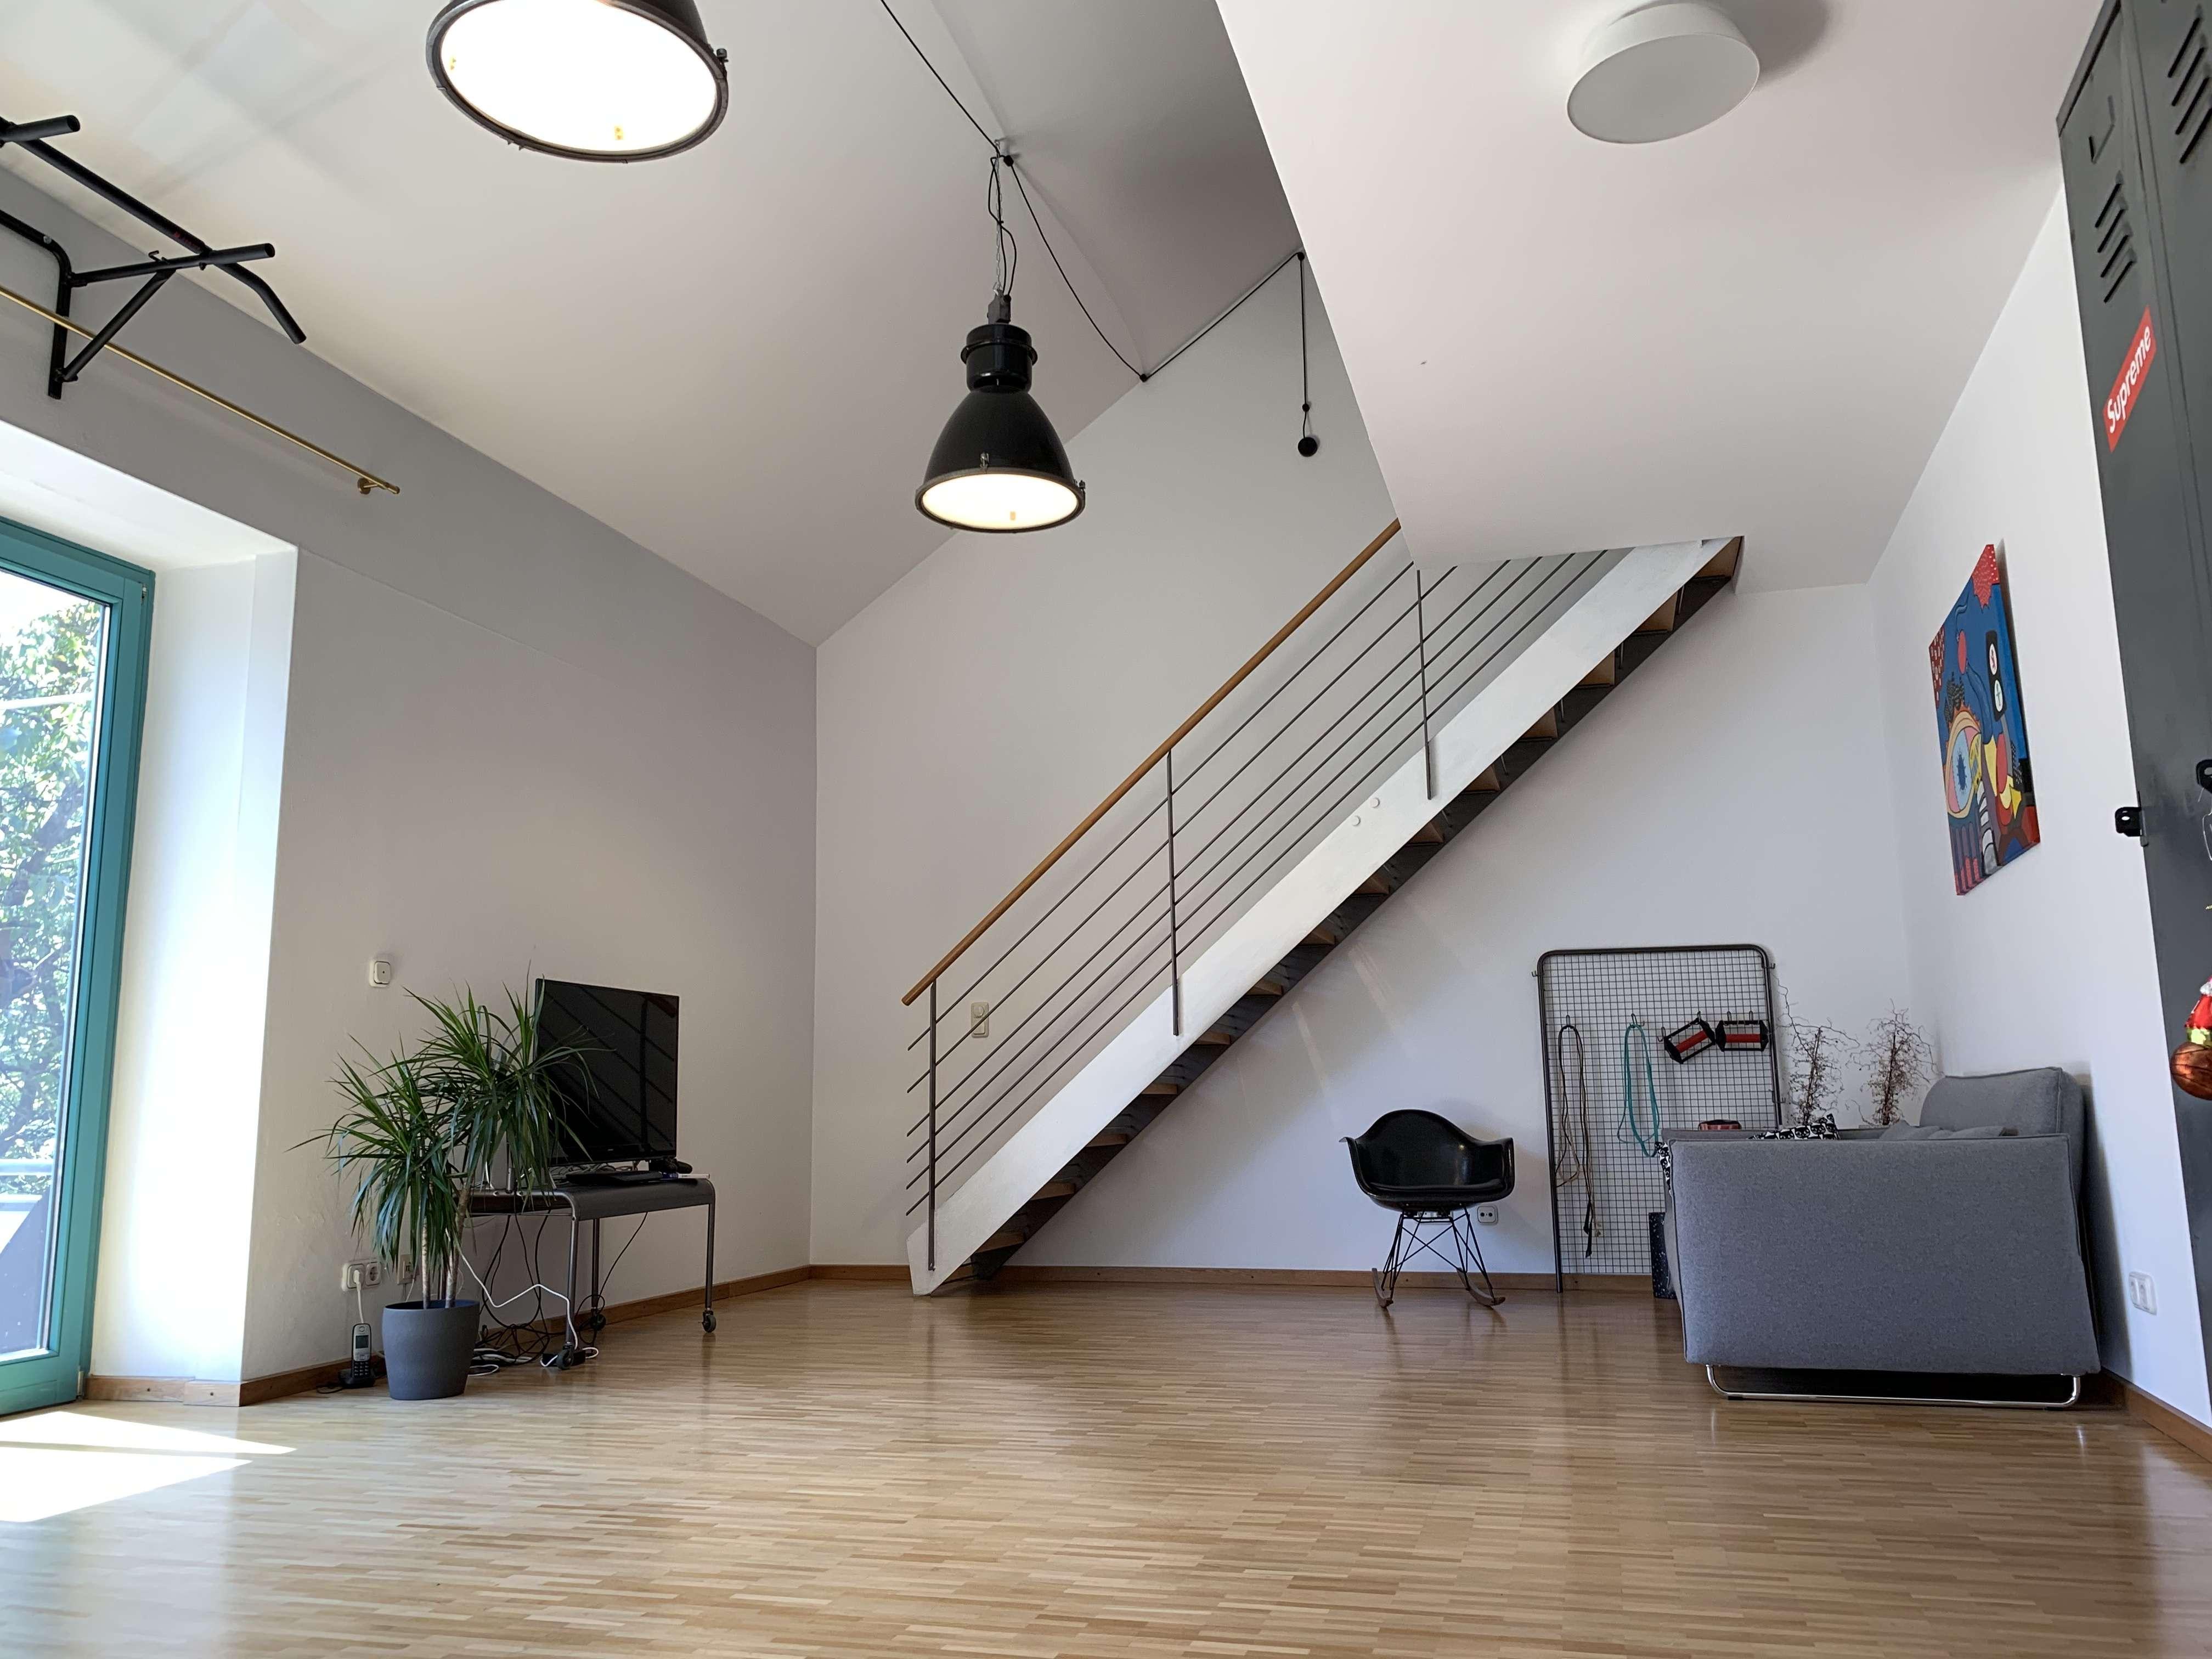 4 Zimmer Loftstyle Maisonette Wohnung in Top-Lage am Stadtpark - 125 qm mit Balkon